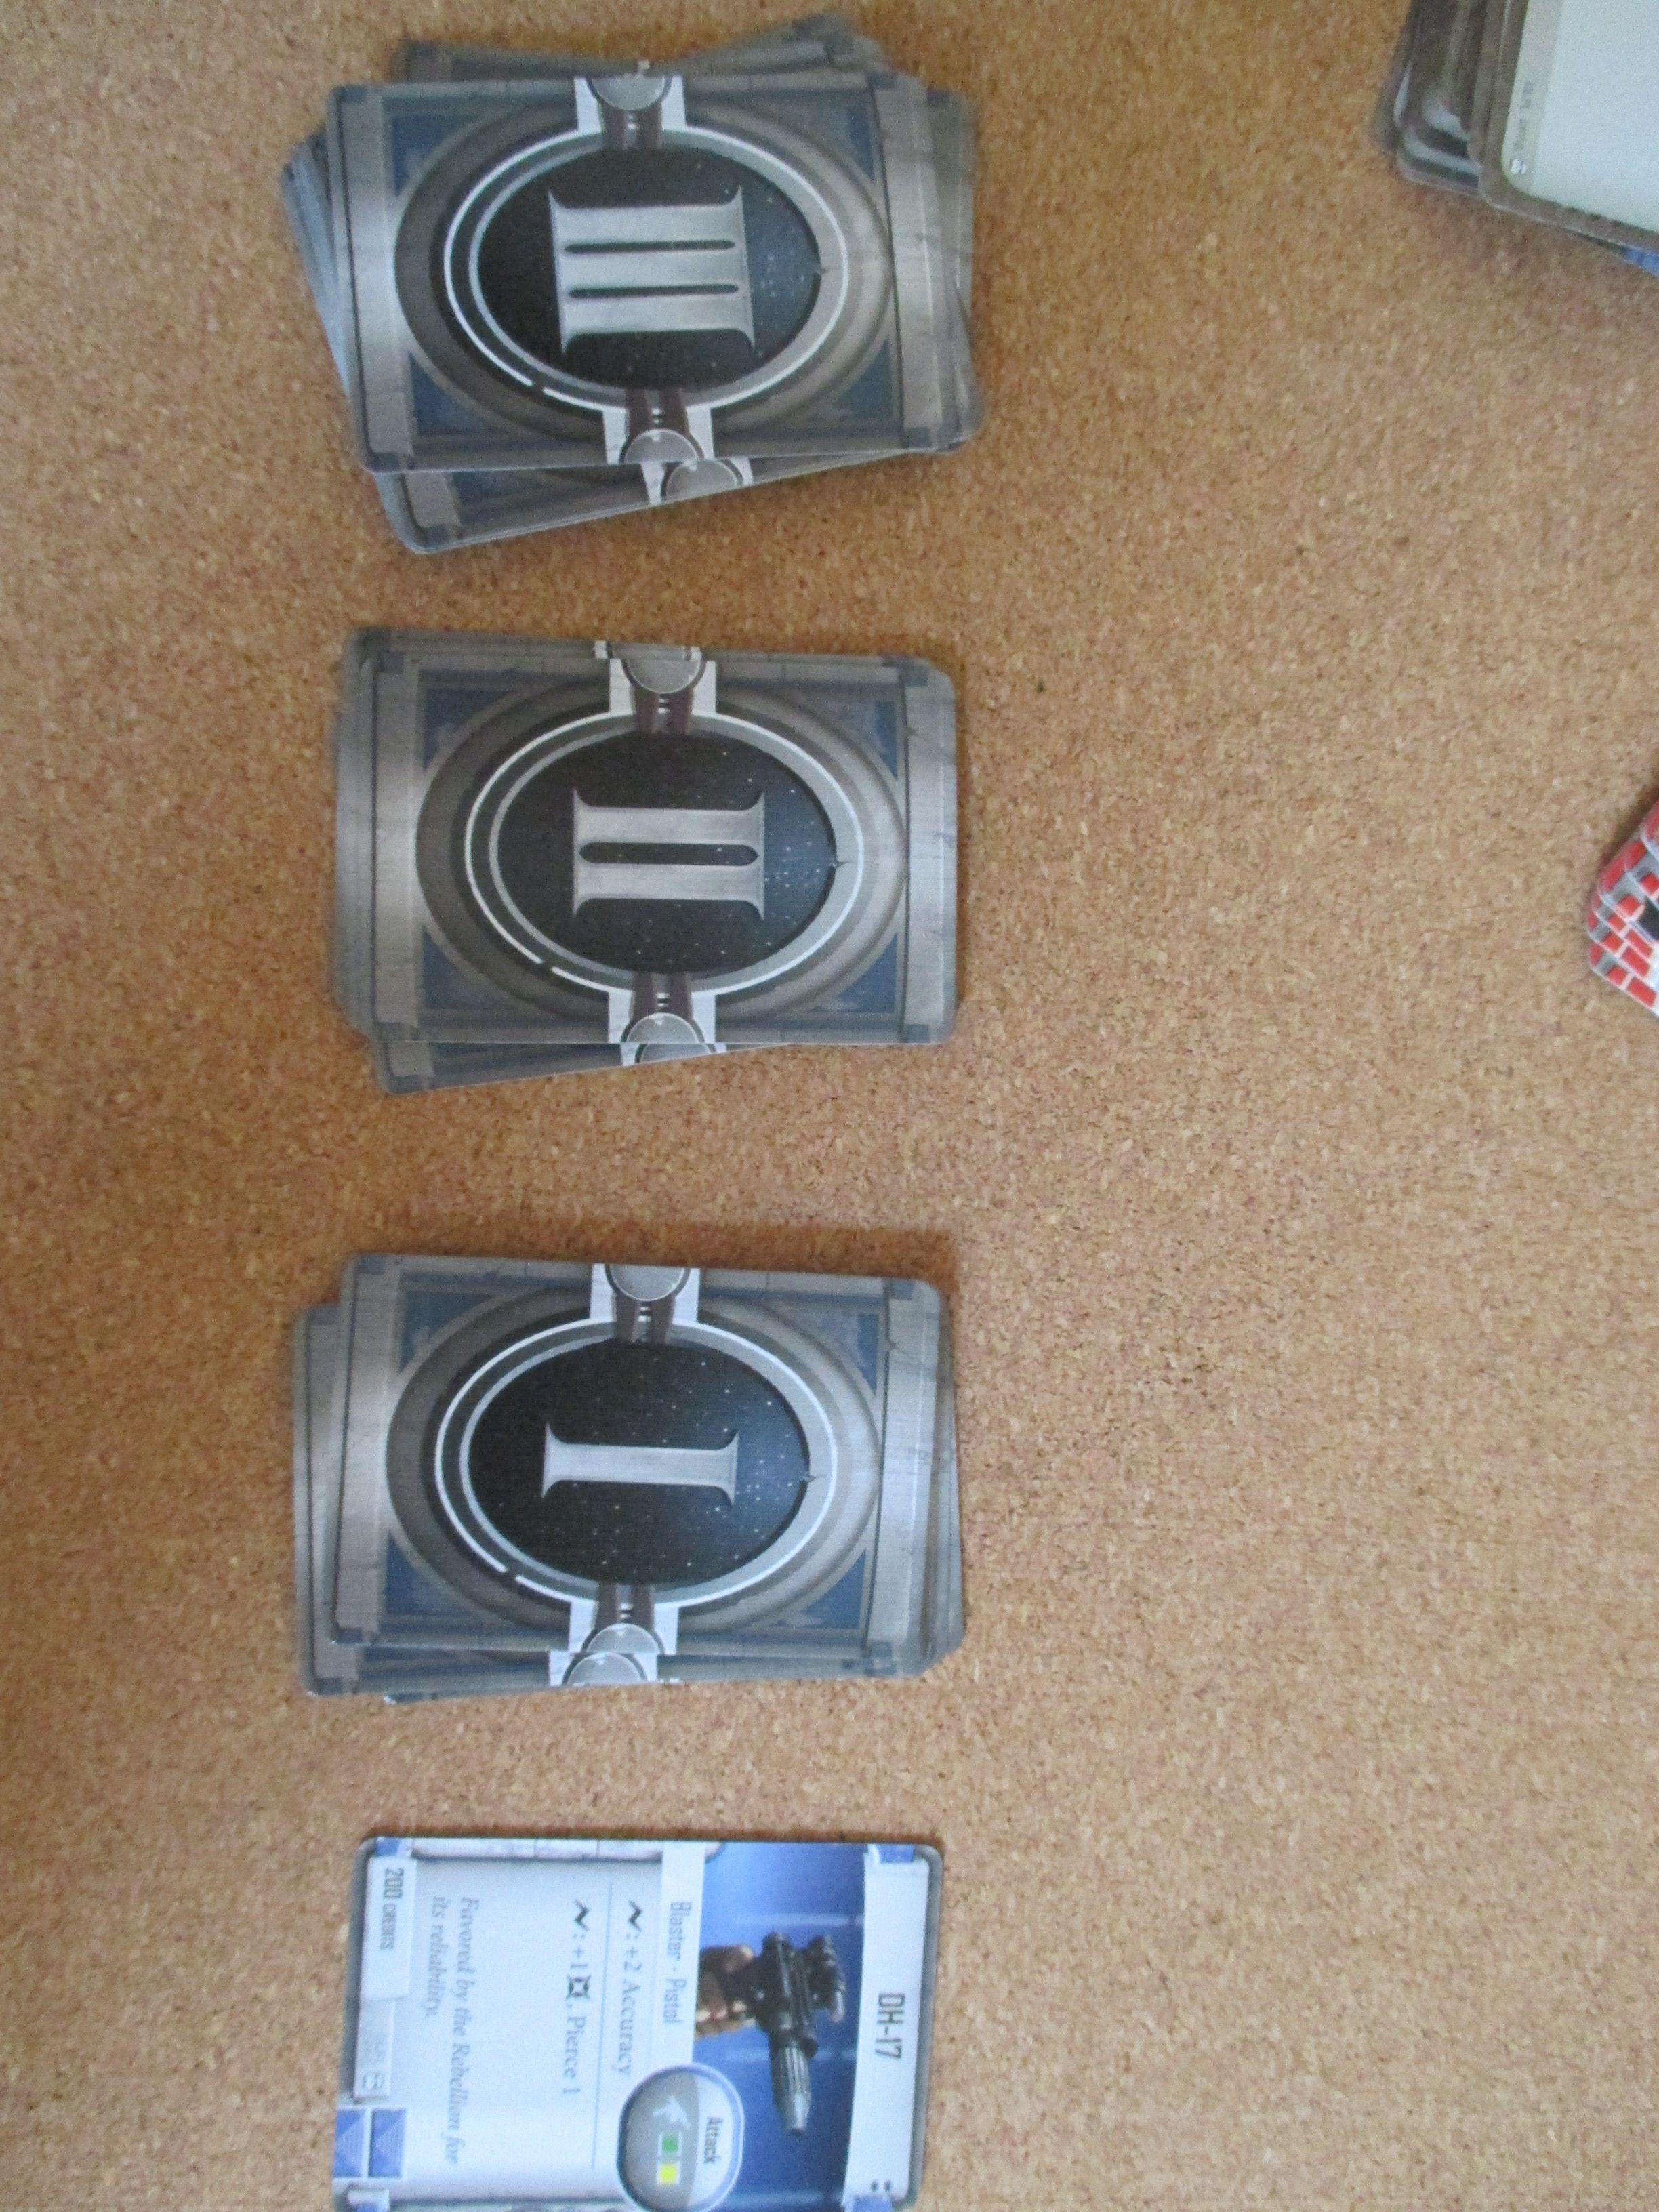 I tre tpi di carte oggetto